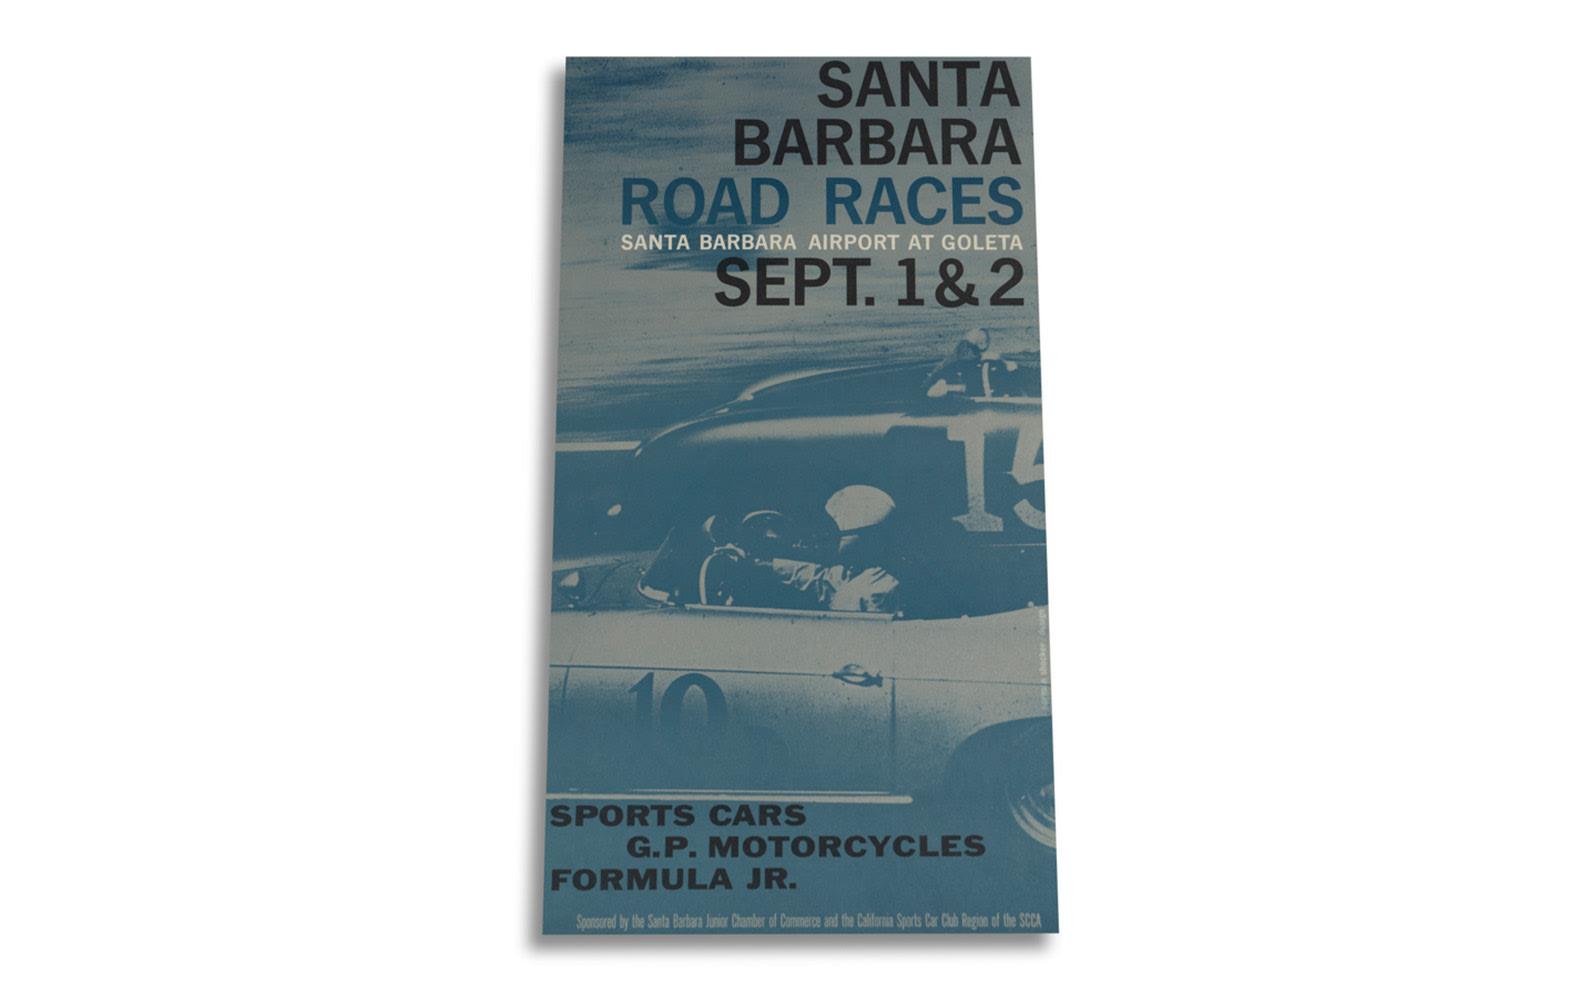 Santa Barbara Road Races Poster, 1962